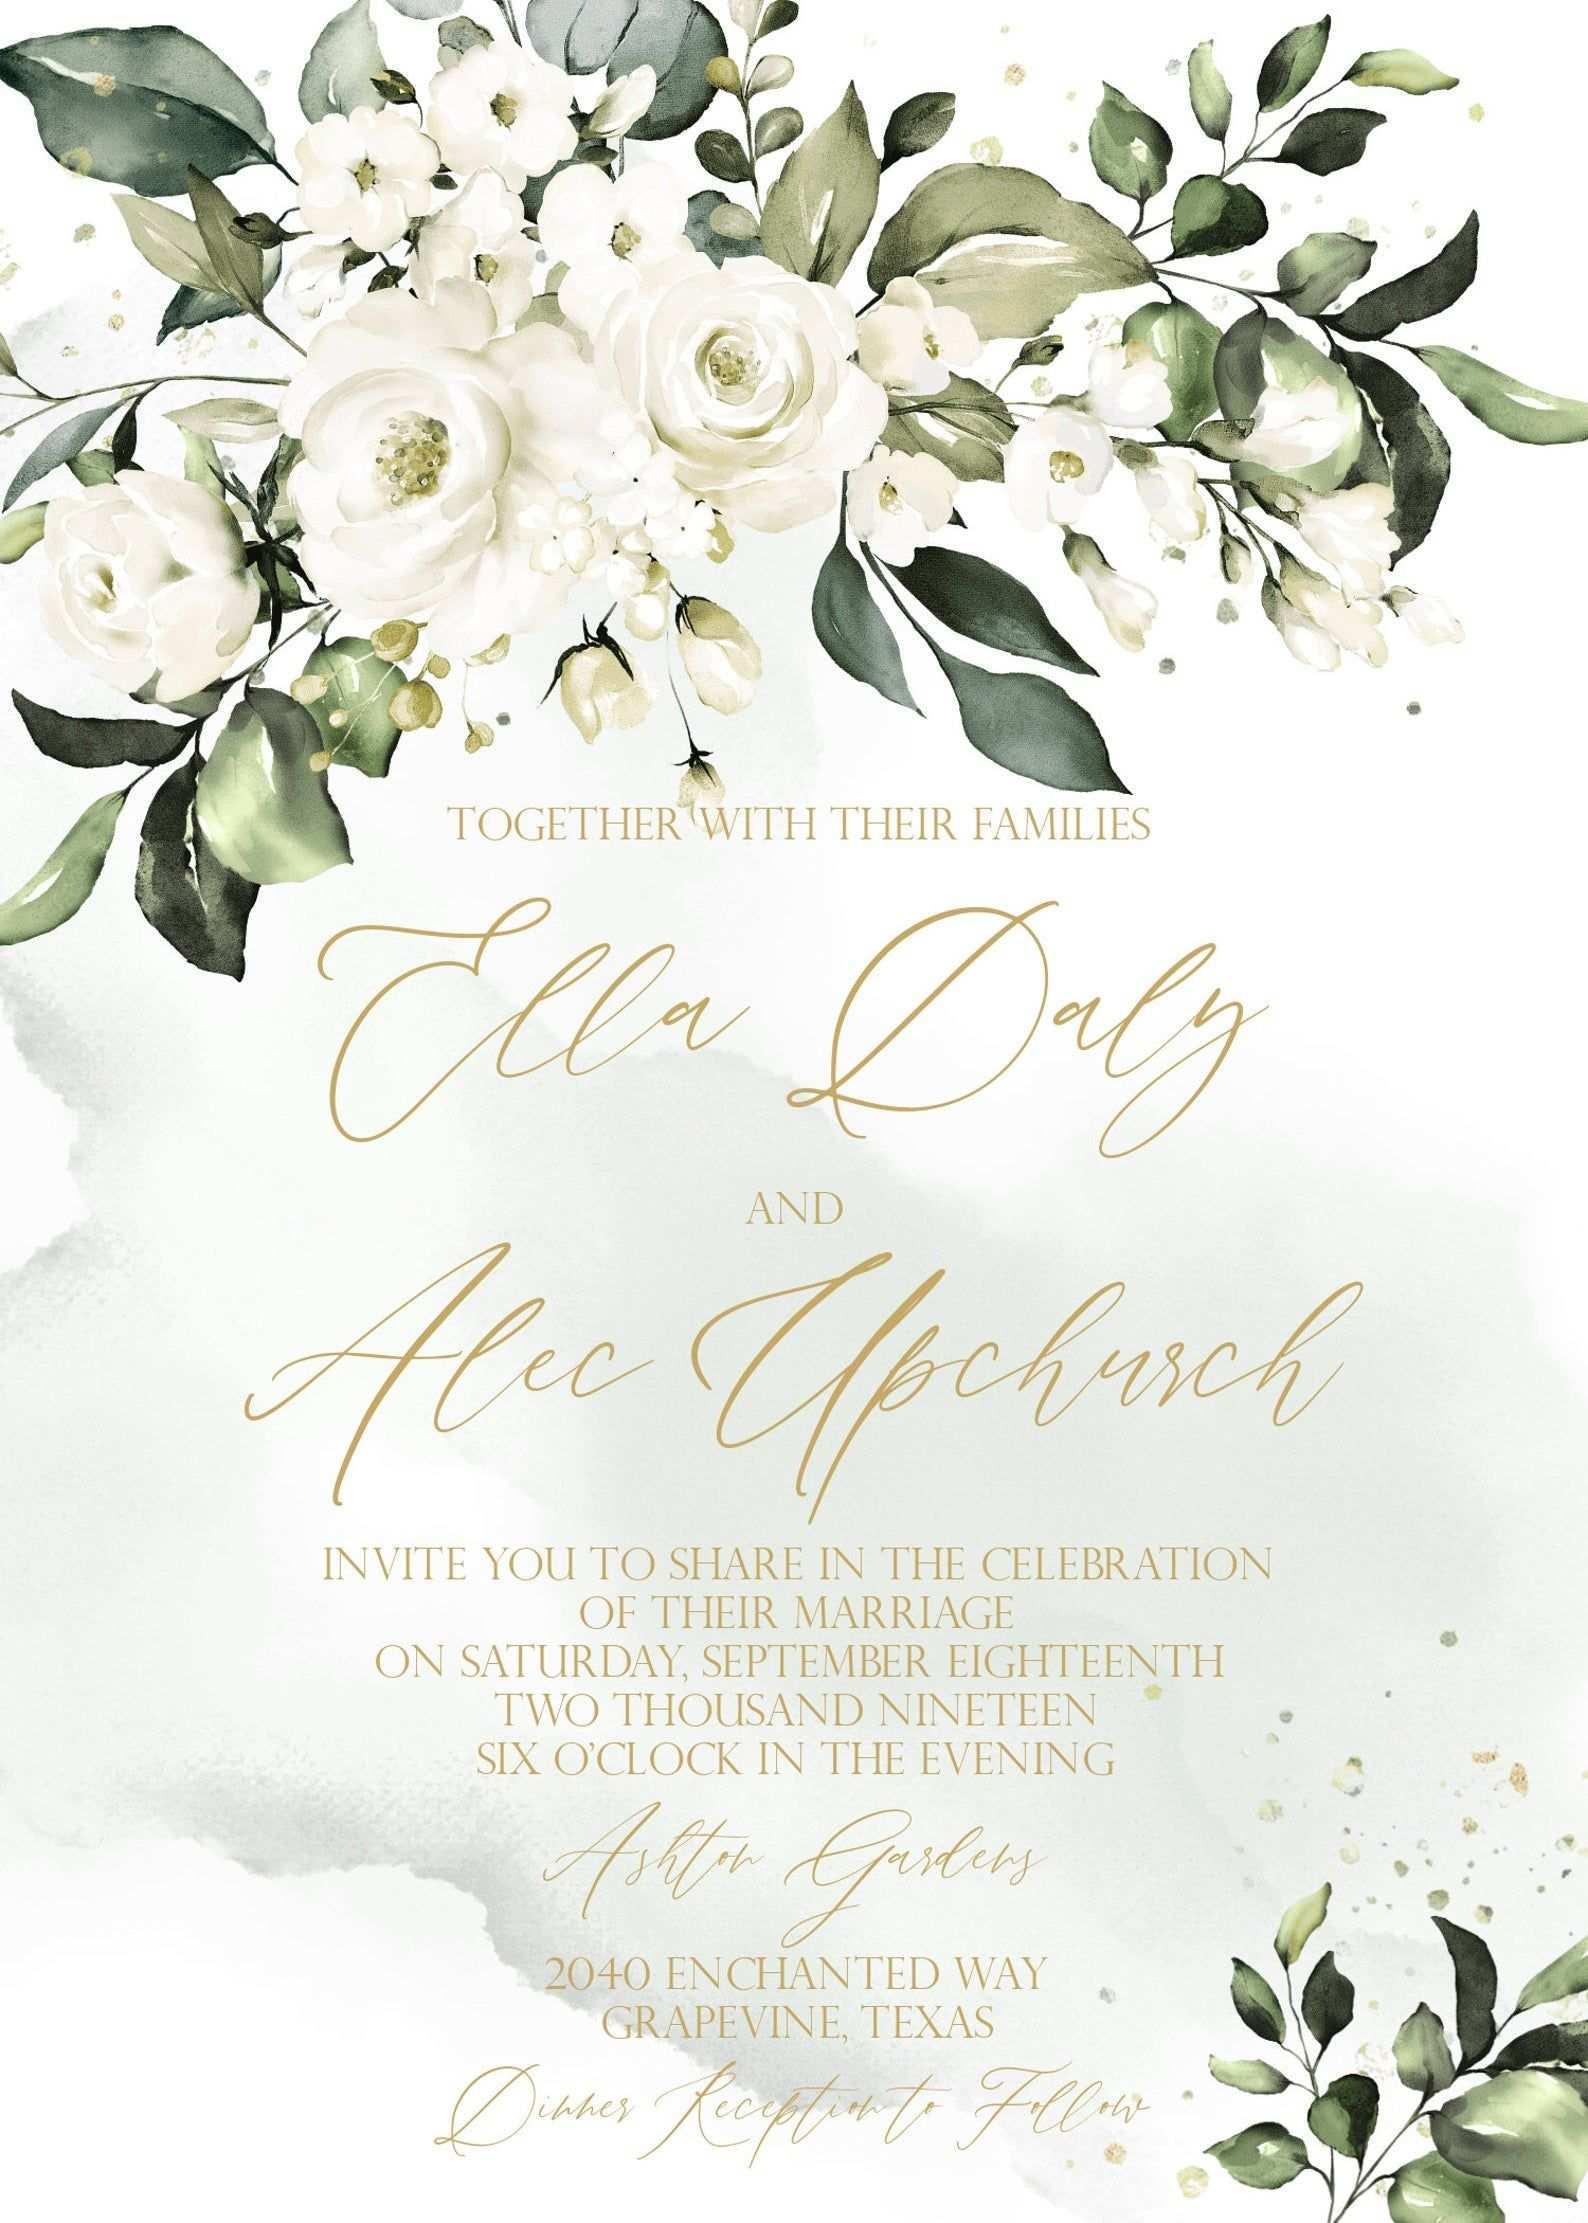 Southern Wedding Invitation Template Magnolia Wedding Invitation Printable Rustic White Floral Watercolor Wedding Invitation Diy Download In 2020 Mit Bildern Hochzeit Hochzeitsinspirationen Blumenrahmen